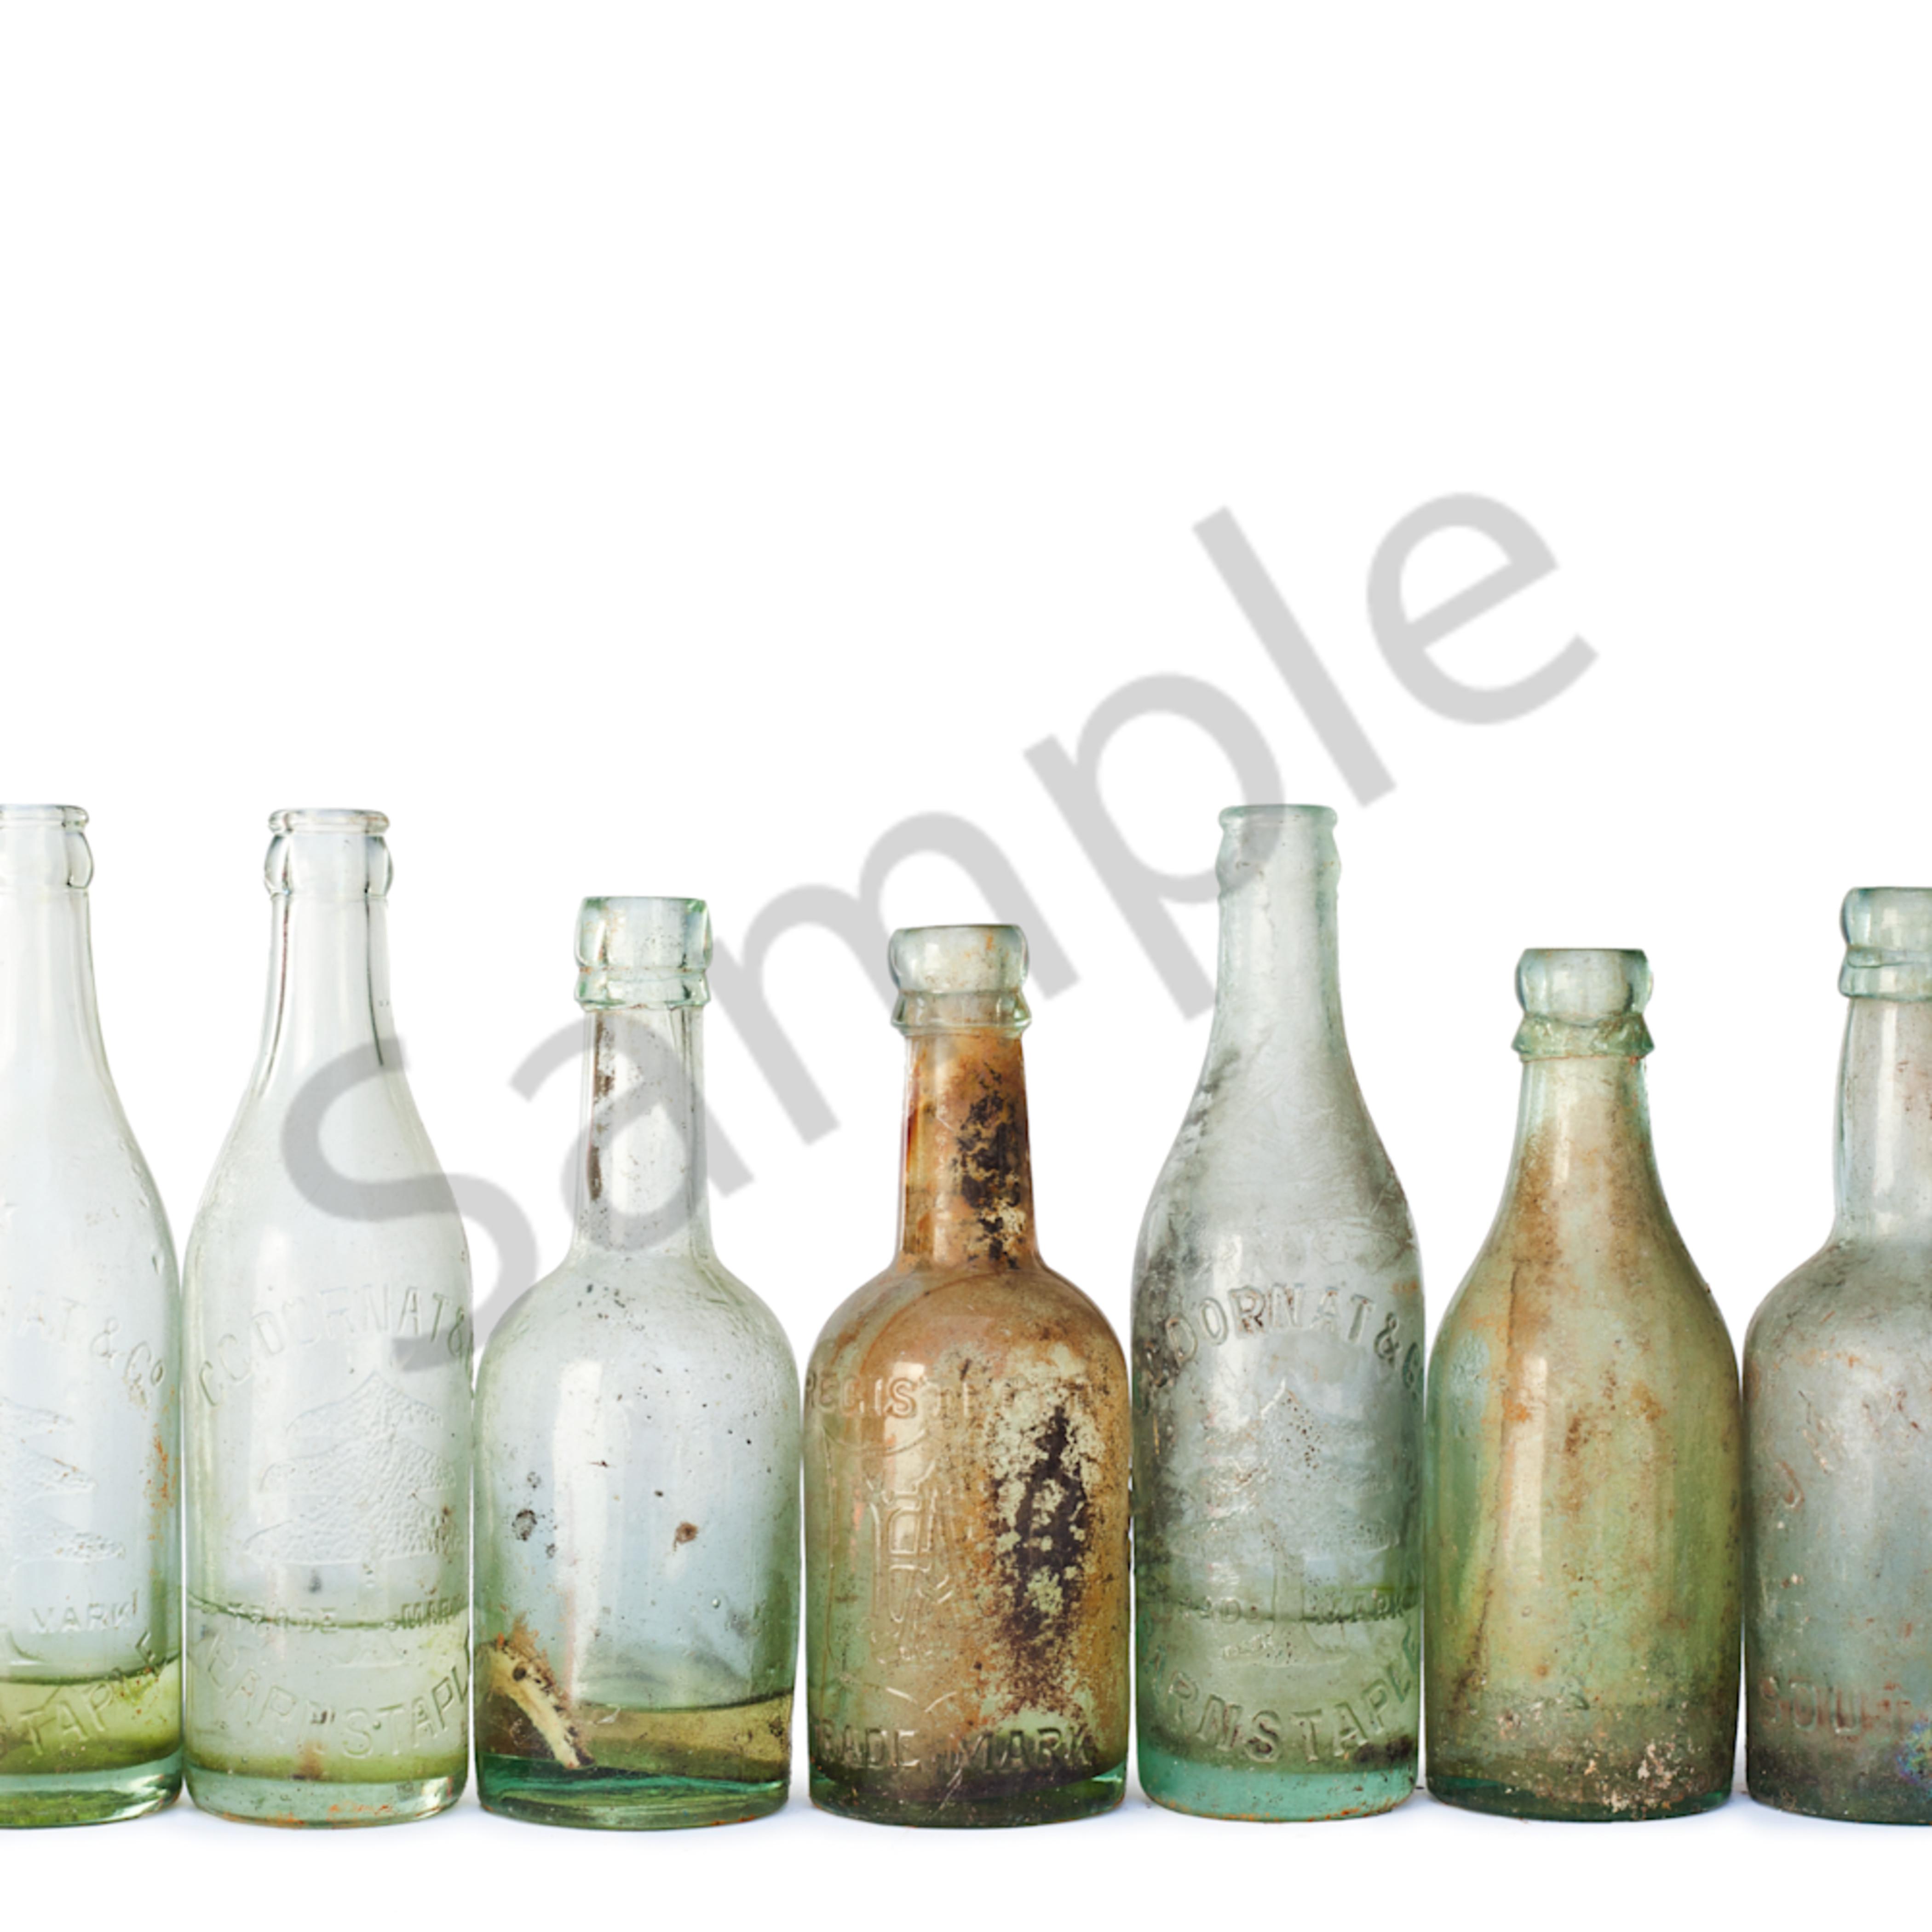 Bottles a45pss